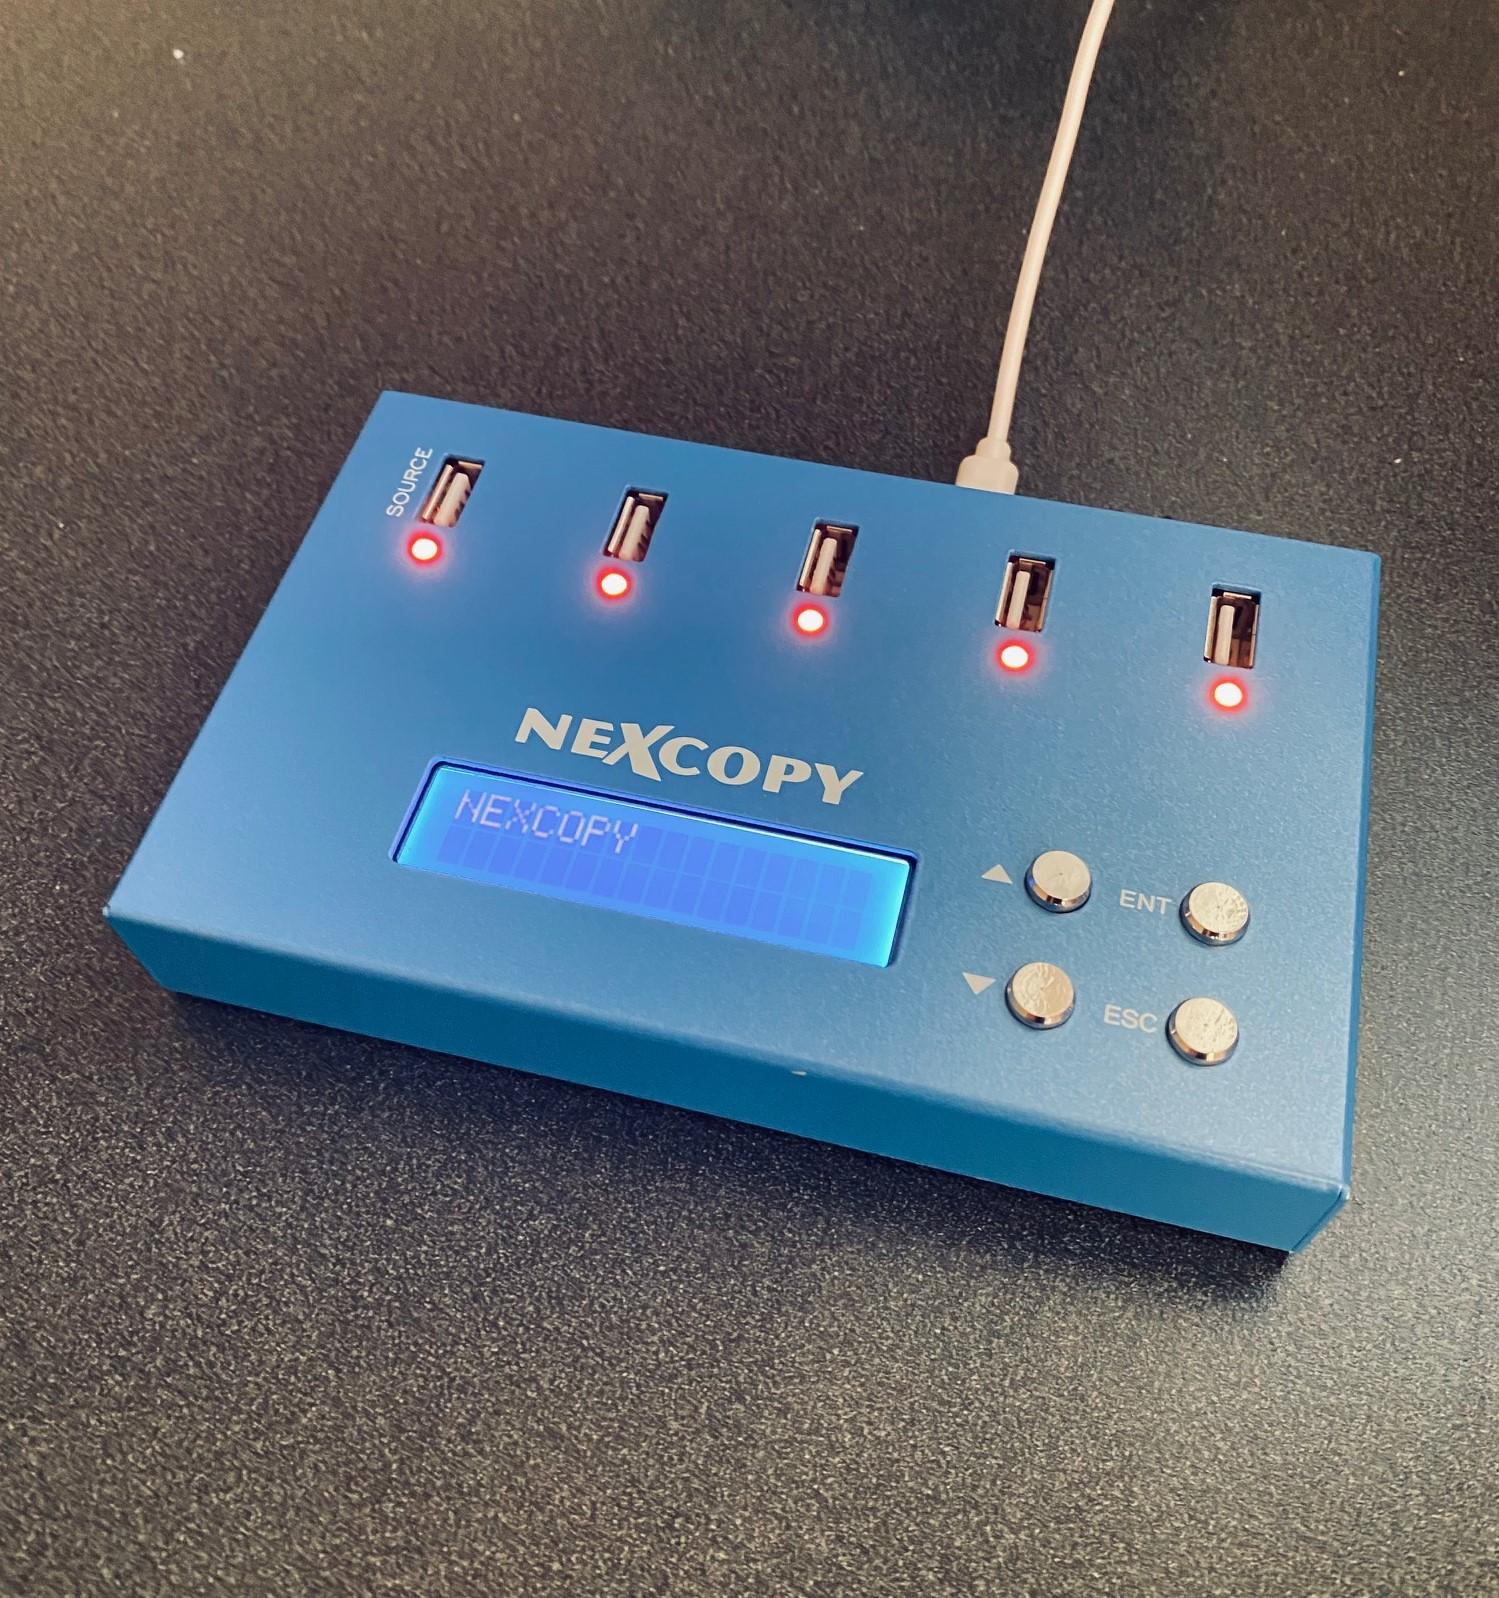 Nexcopy USB Dupliclator